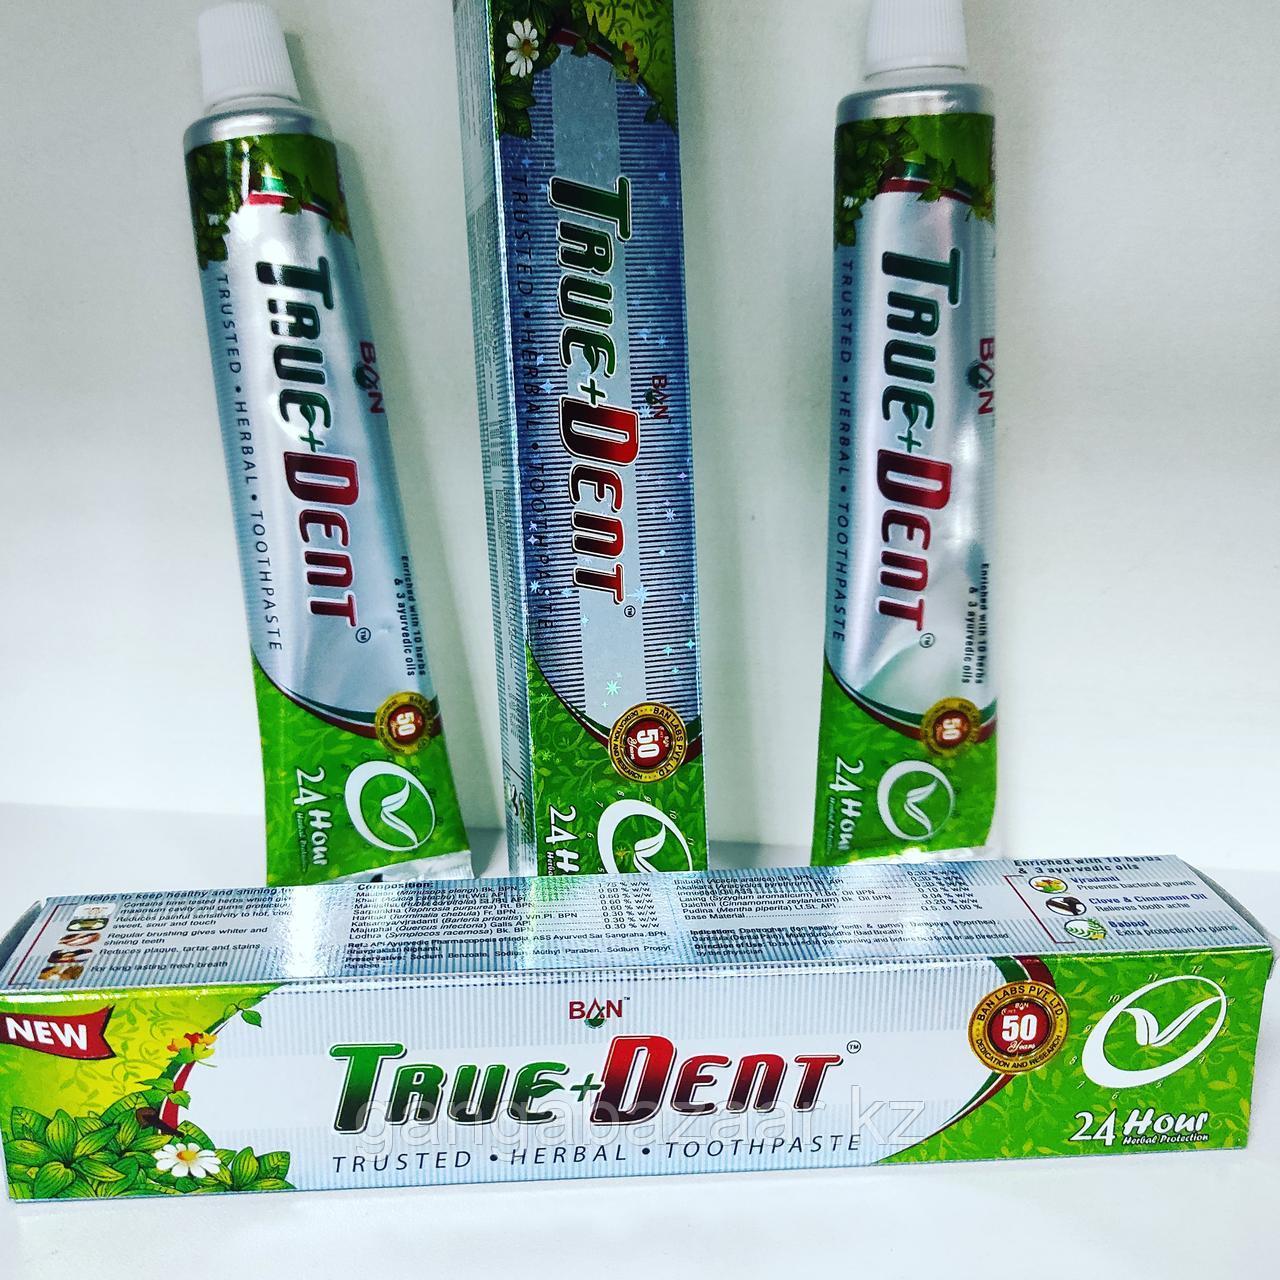 Аюрведическая лечебная зубная паста ТруДент (TrueDent), 100 гр, Индия